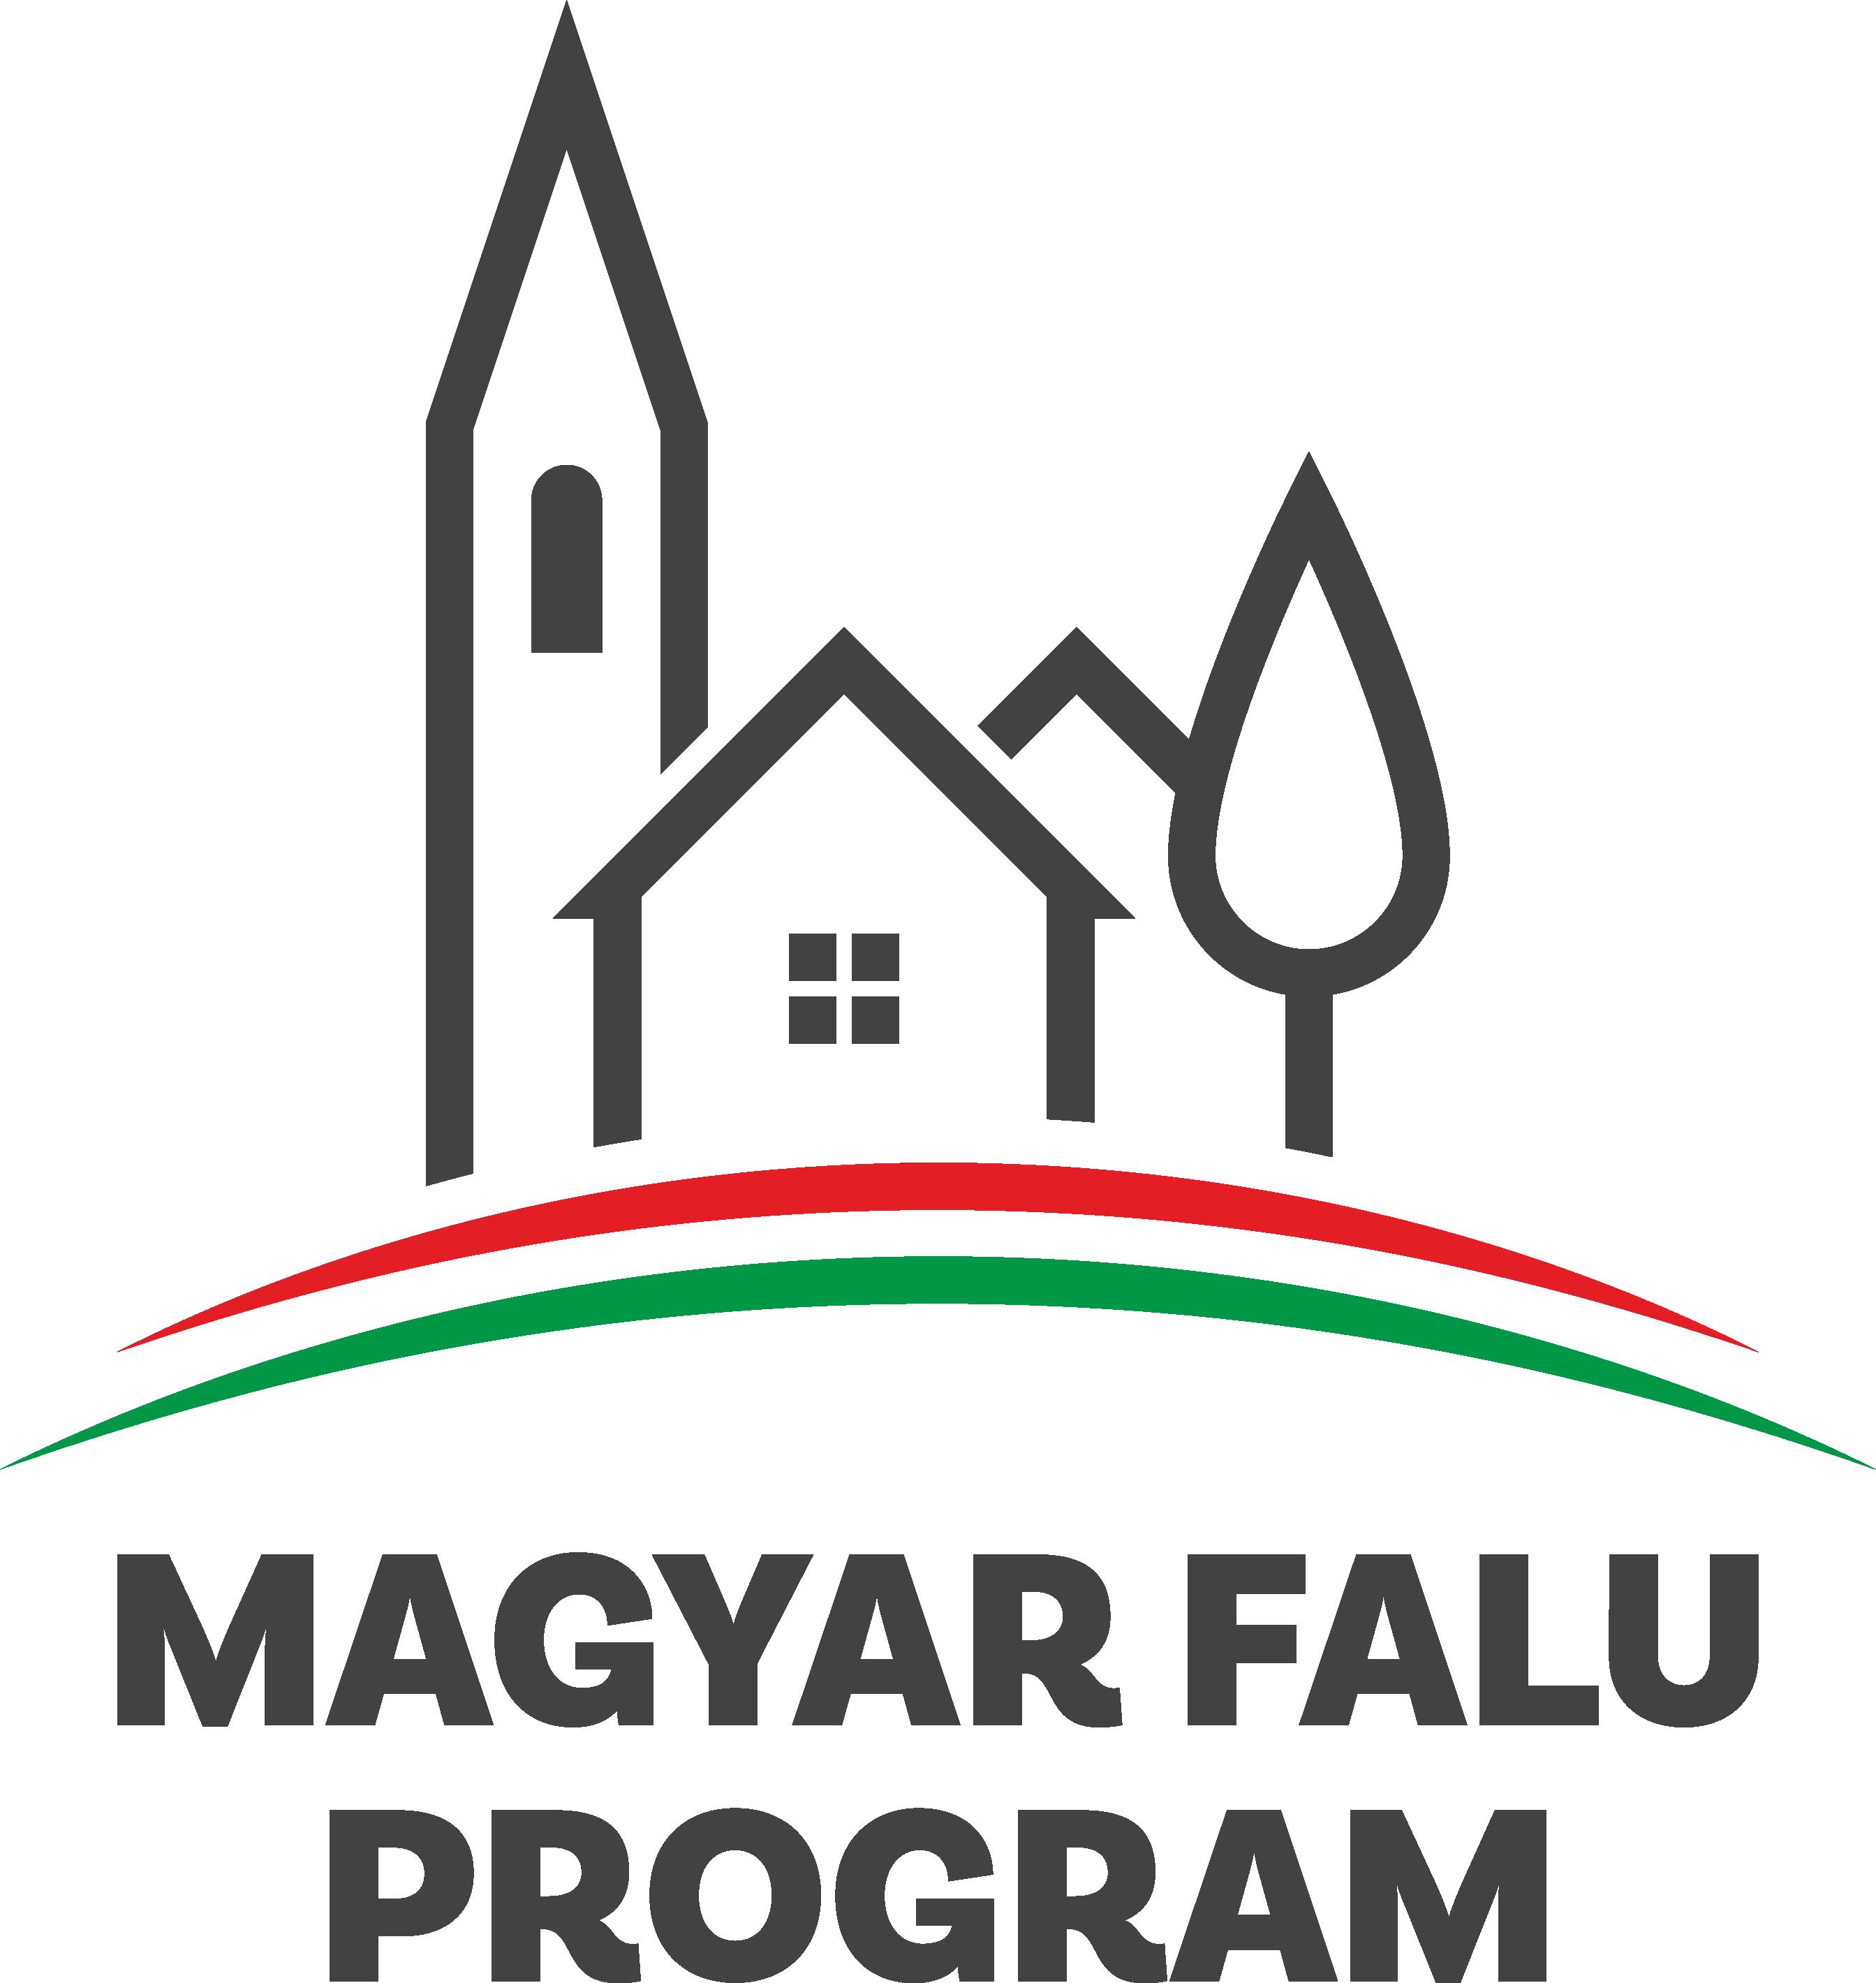 magyaafalu